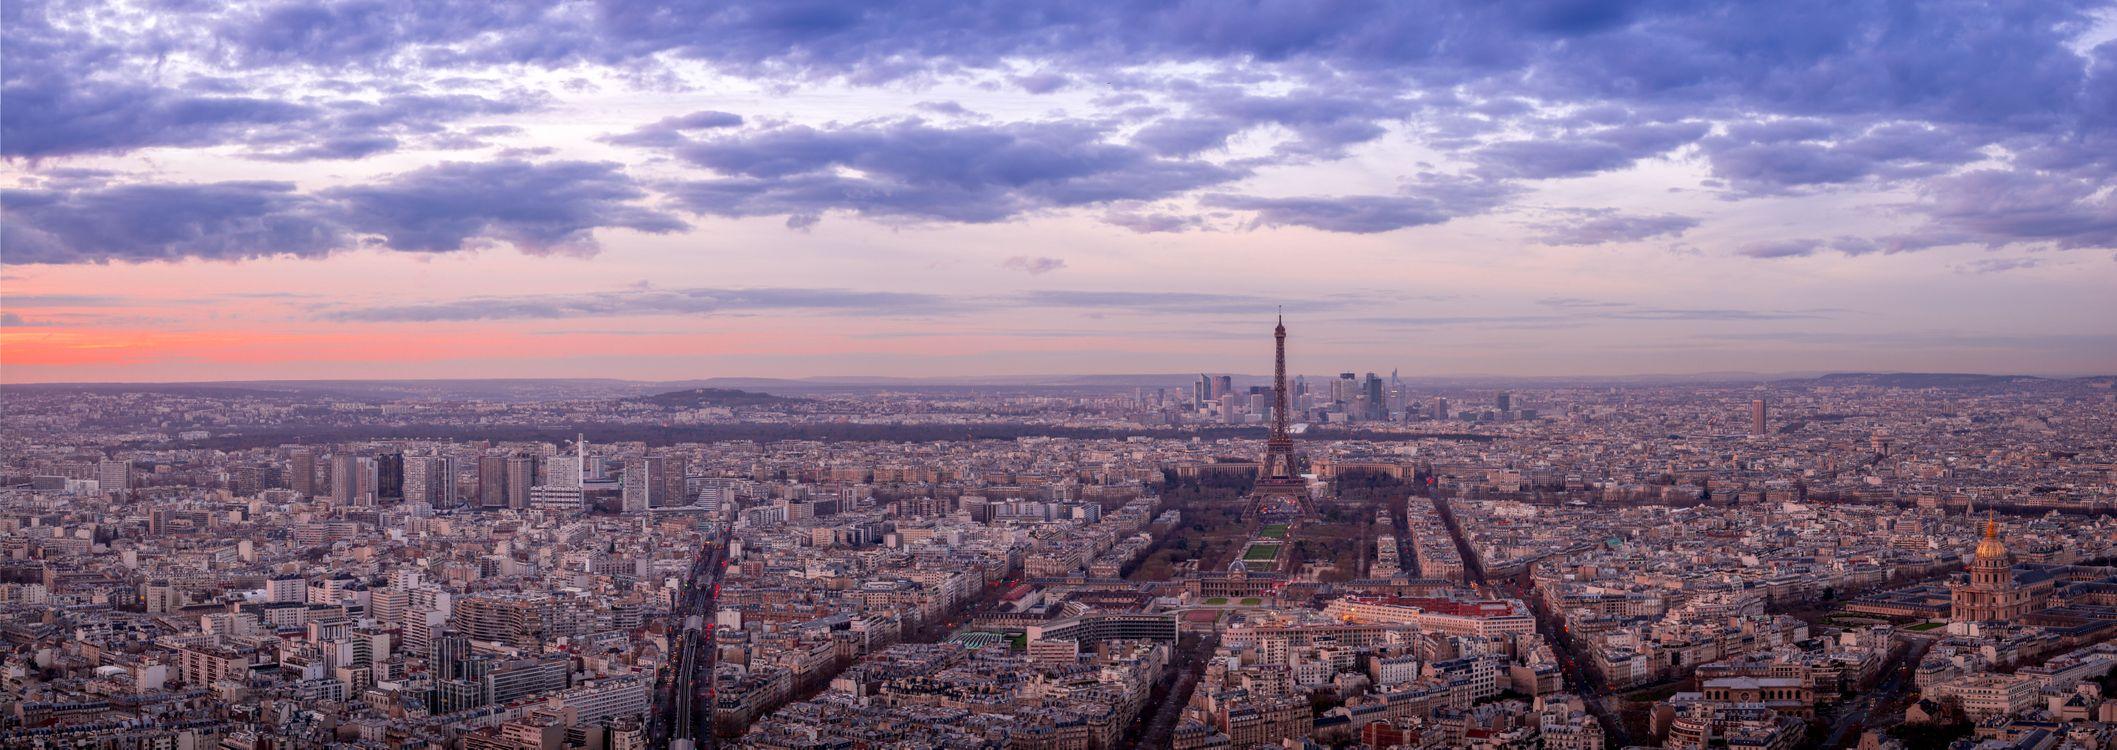 Фото бесплатно Париж, Франция закат, панорама, город